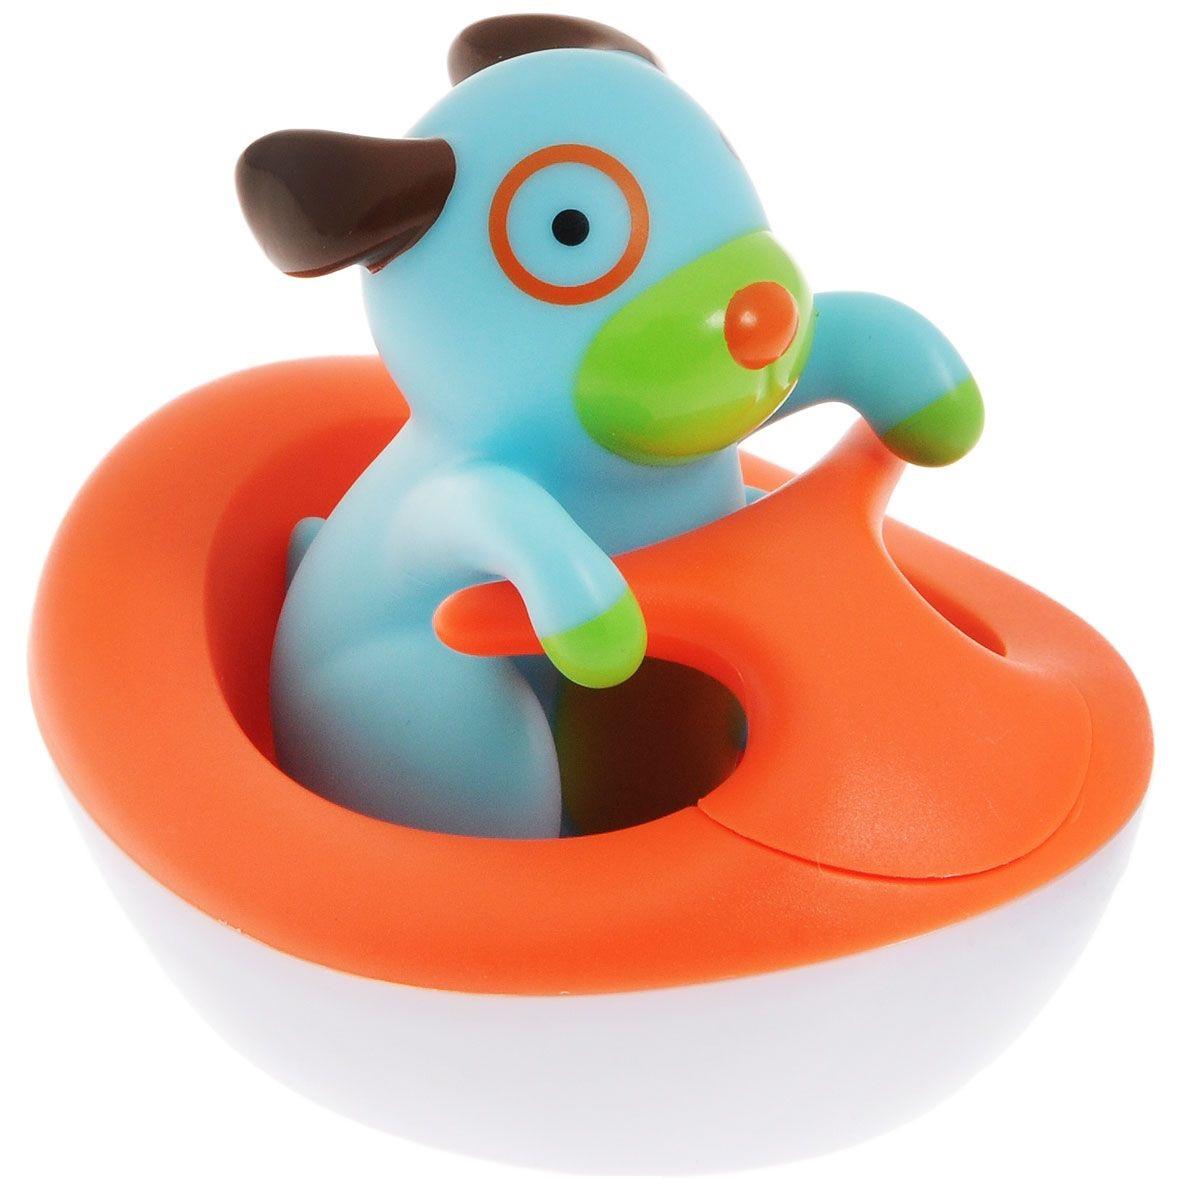 Игрушка для ванной - Щенок на гидроциклеИгрушки для ванной<br>Игрушка для ванной - Щенок на гидроцикле<br>